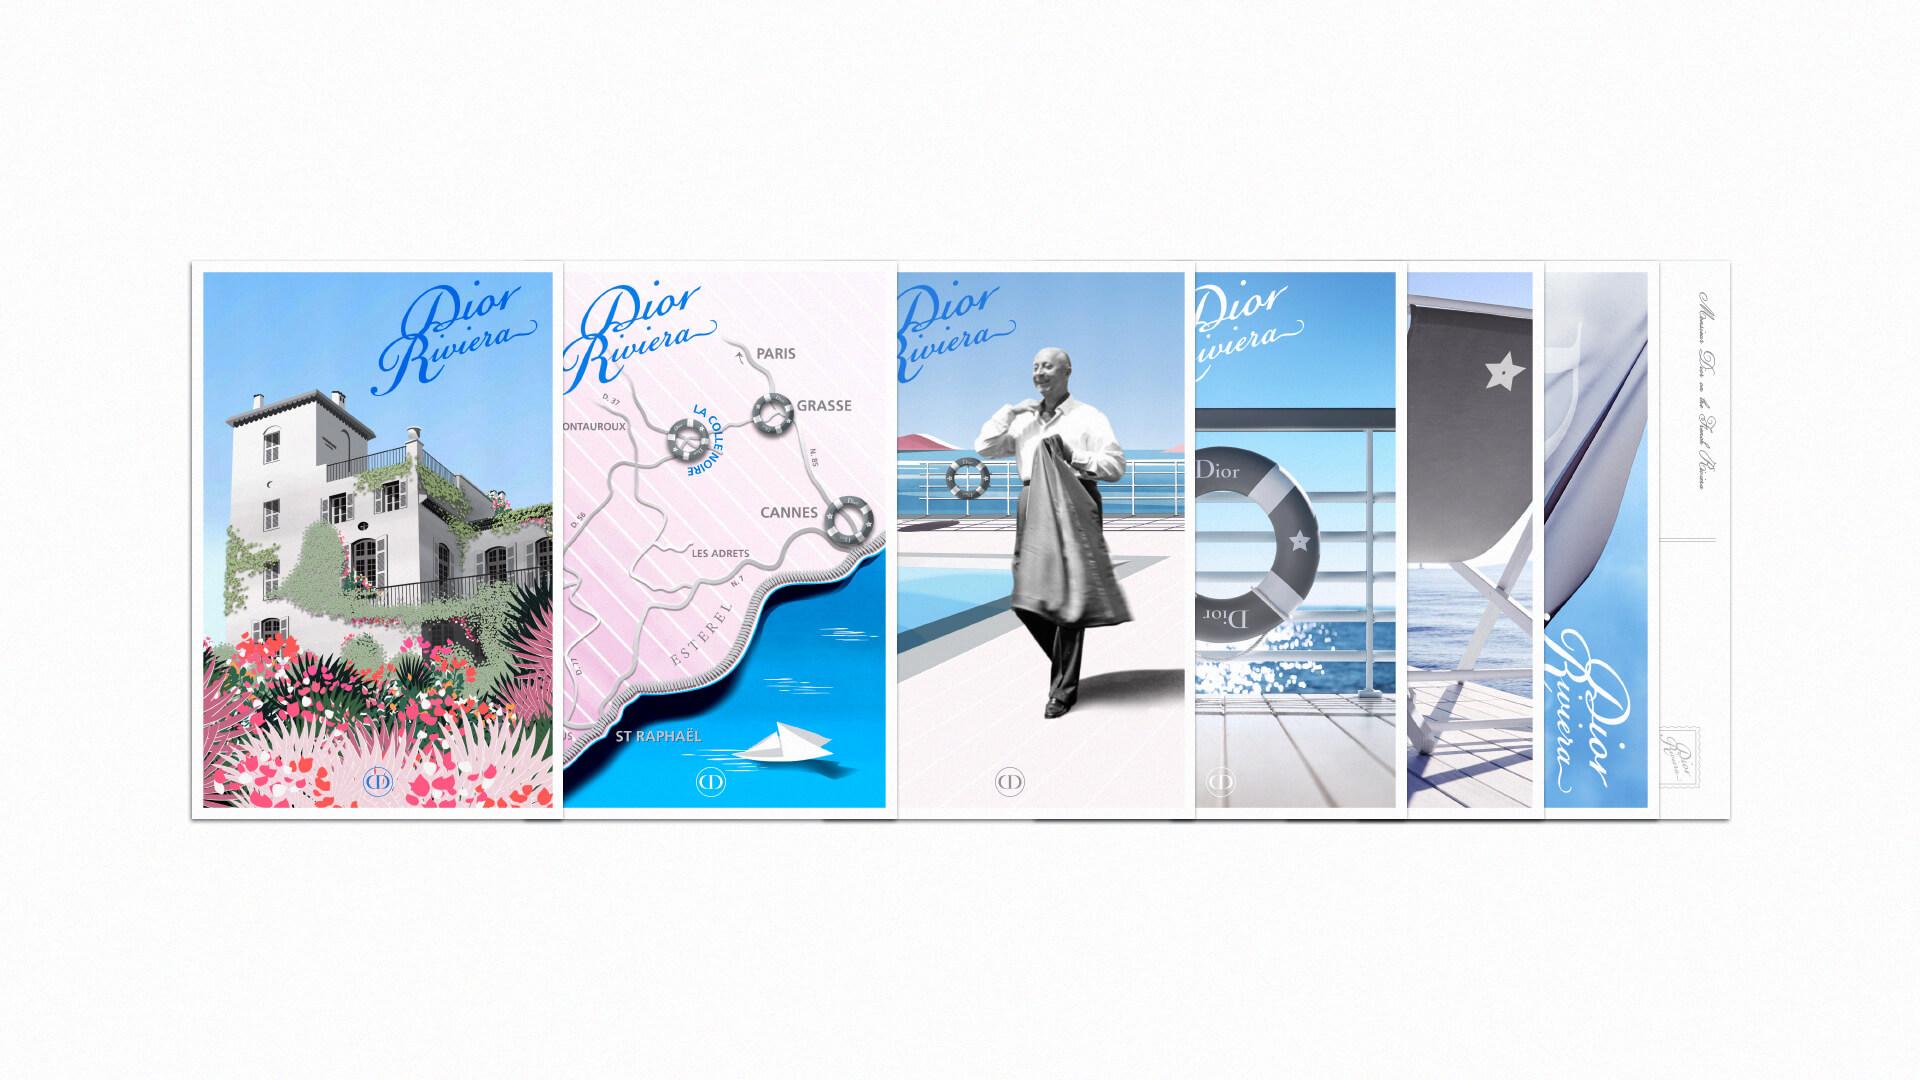 Dior Summer Riviera 2